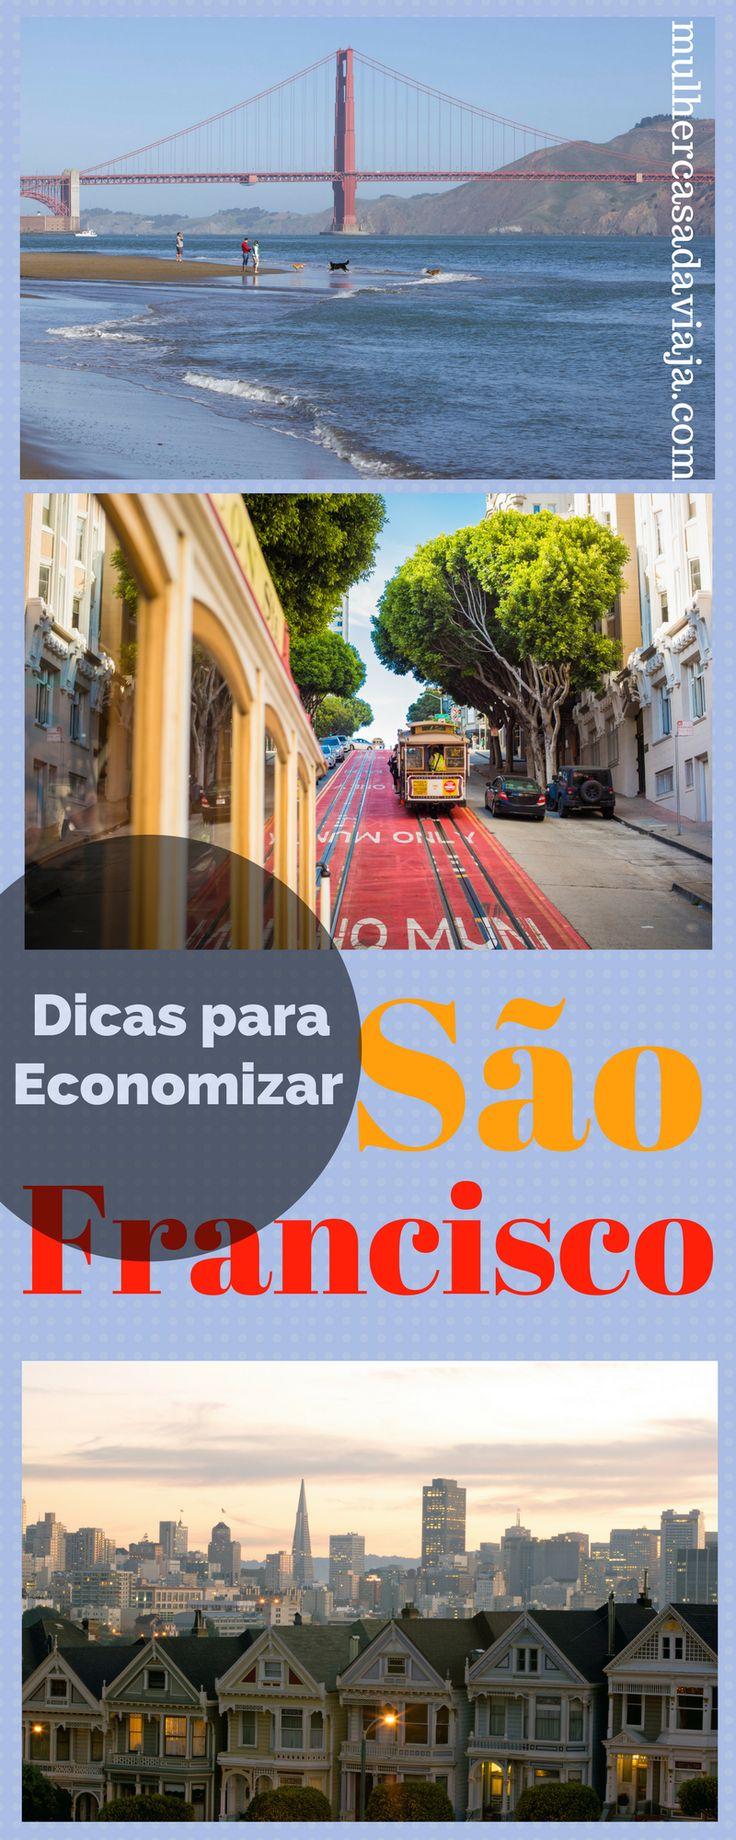 São Francisco não é uma cidade barata. Saiba como economizar em hospedagem, alimentação e nas atrações.